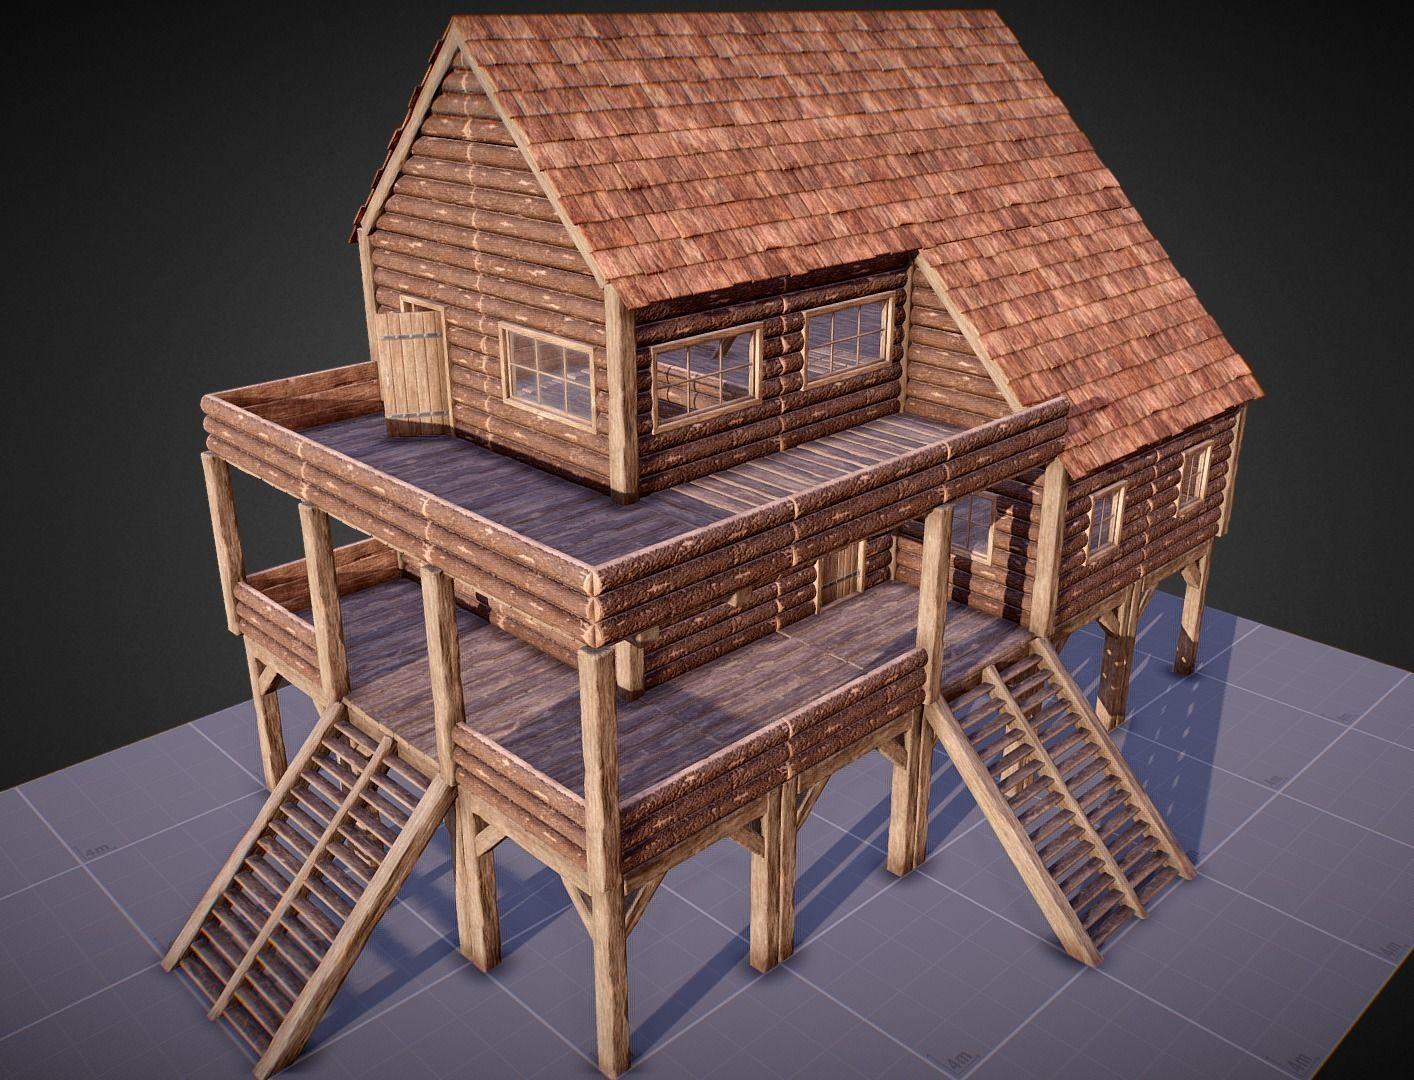 Survival Base Wooden Modular House